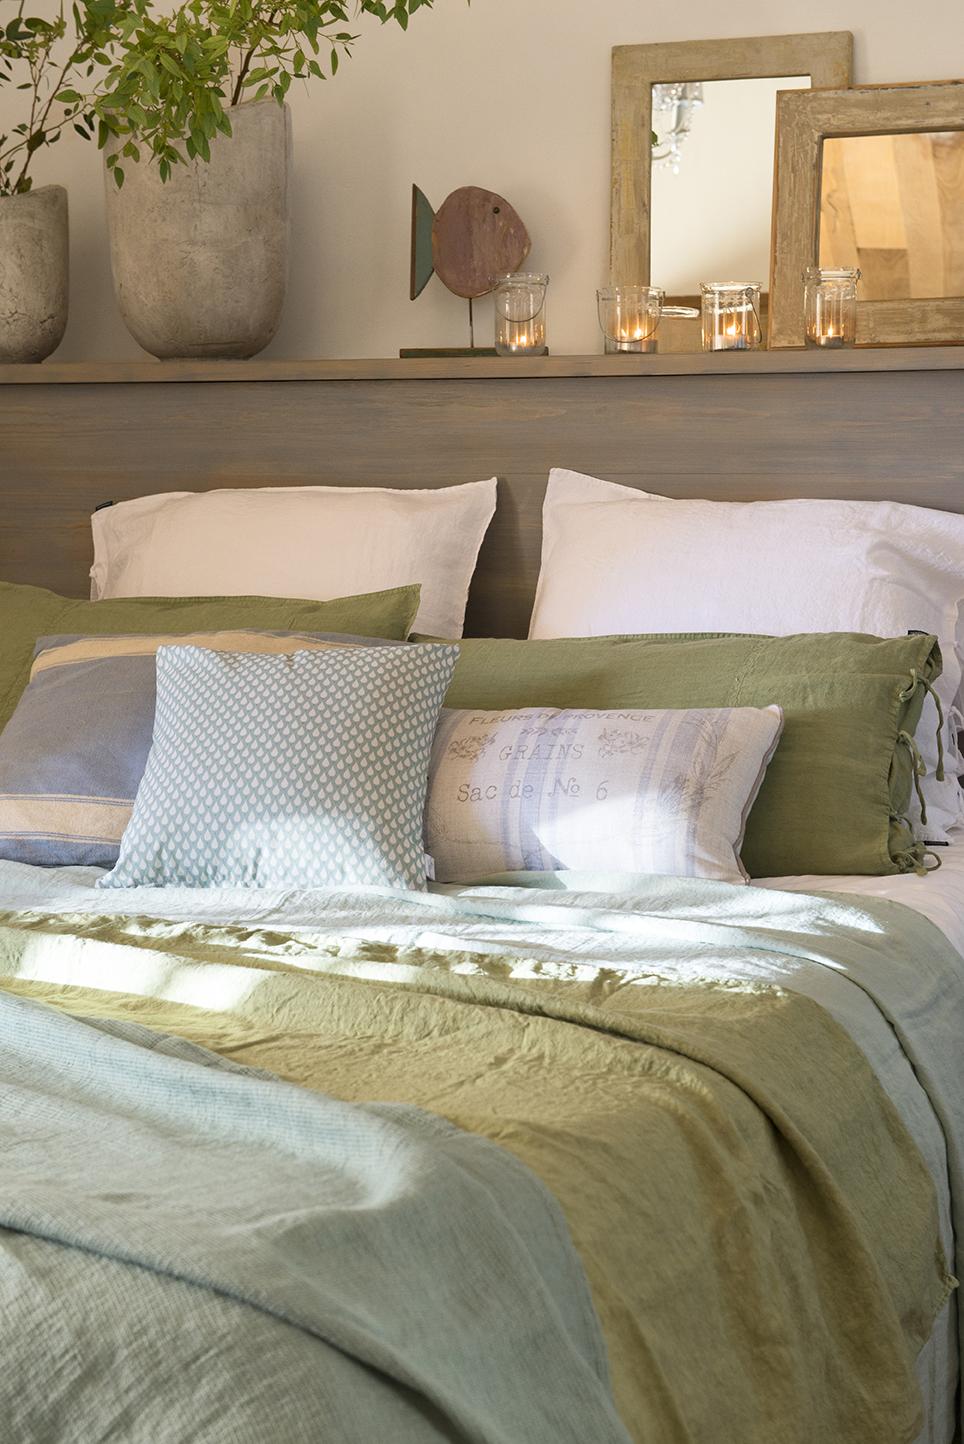 Dormitorios decorados seg n el feng shui para mantener for Feng shui para el dormitorio